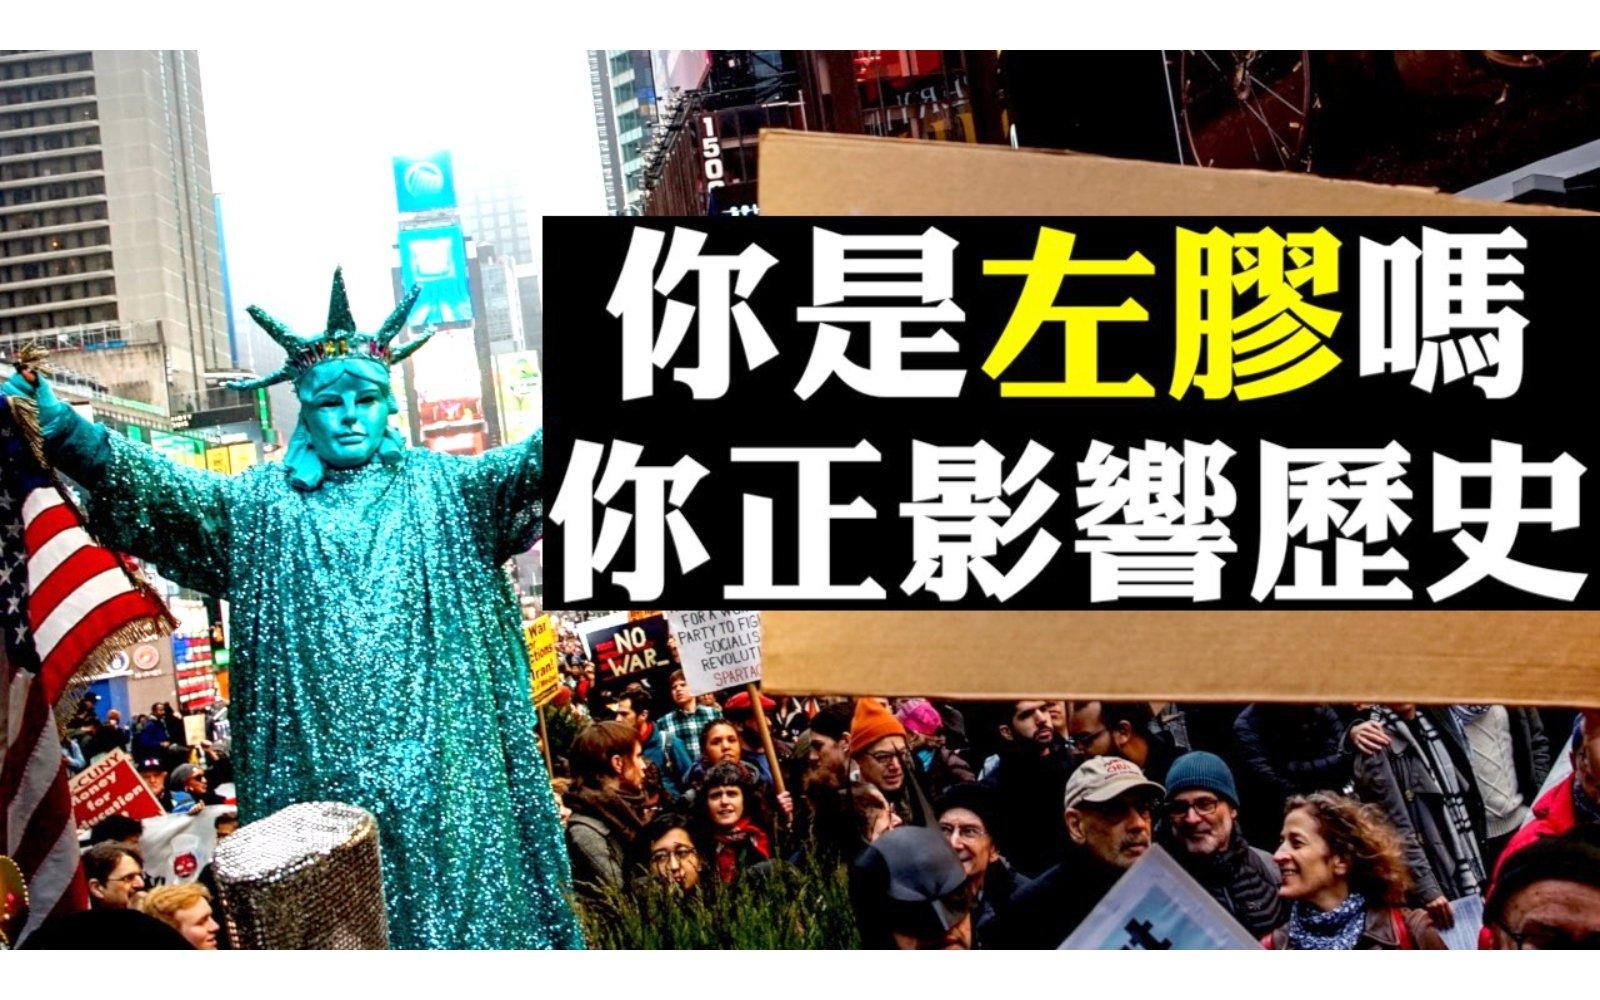 美國伊朗對峙、香港反送中等事件,總有人被稱為「左膠」,左膠具體指甚麼人?分成哪幾種,具體表現又是甚麼?(新唐人合成)